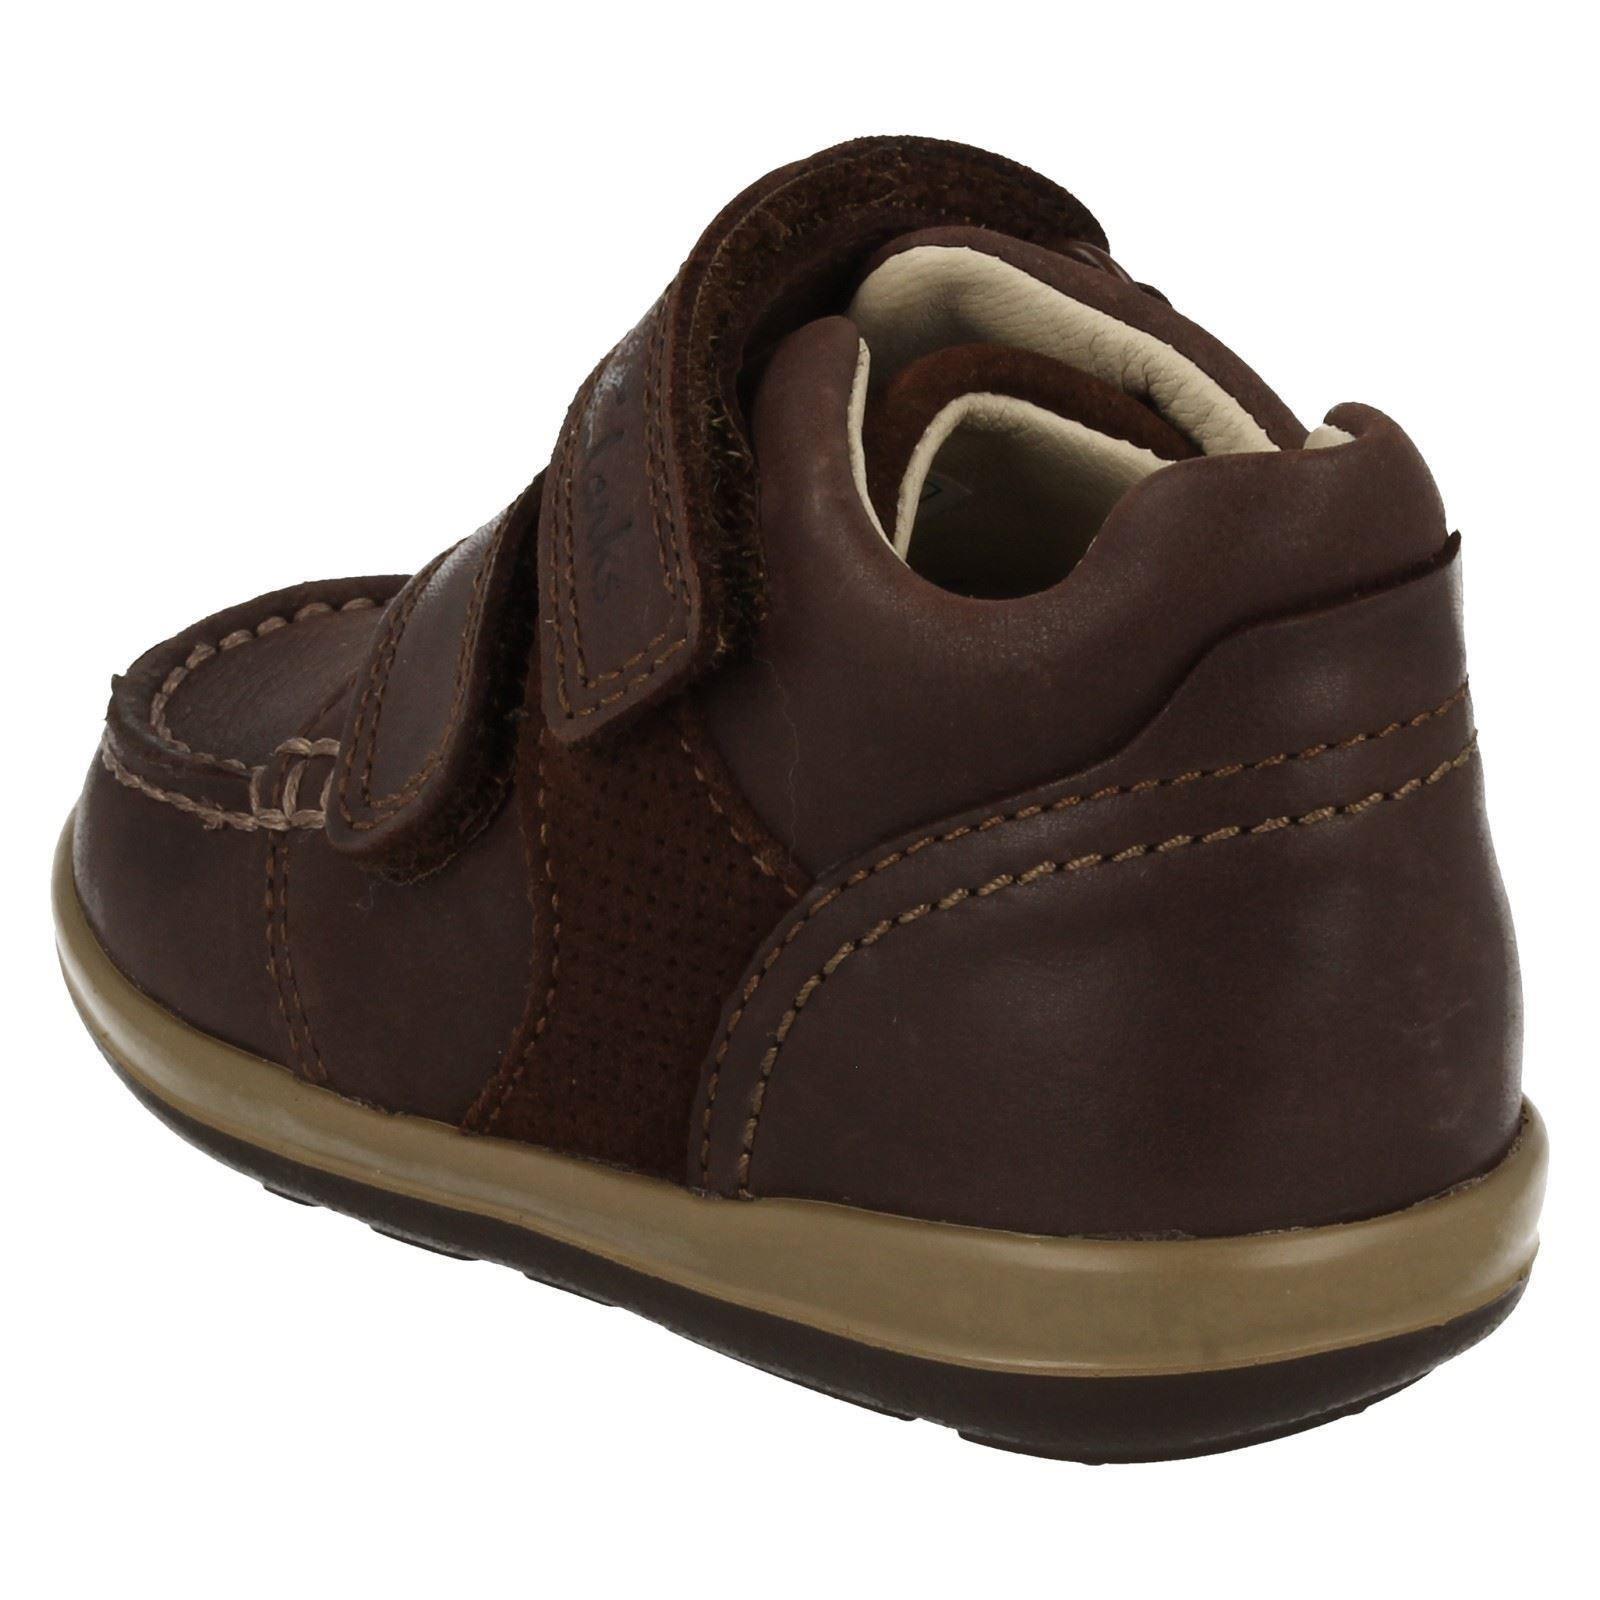 Loop Botas Softly Brown para Clarks Doc Ankle niños Hook marrón Dark rIIUwqp